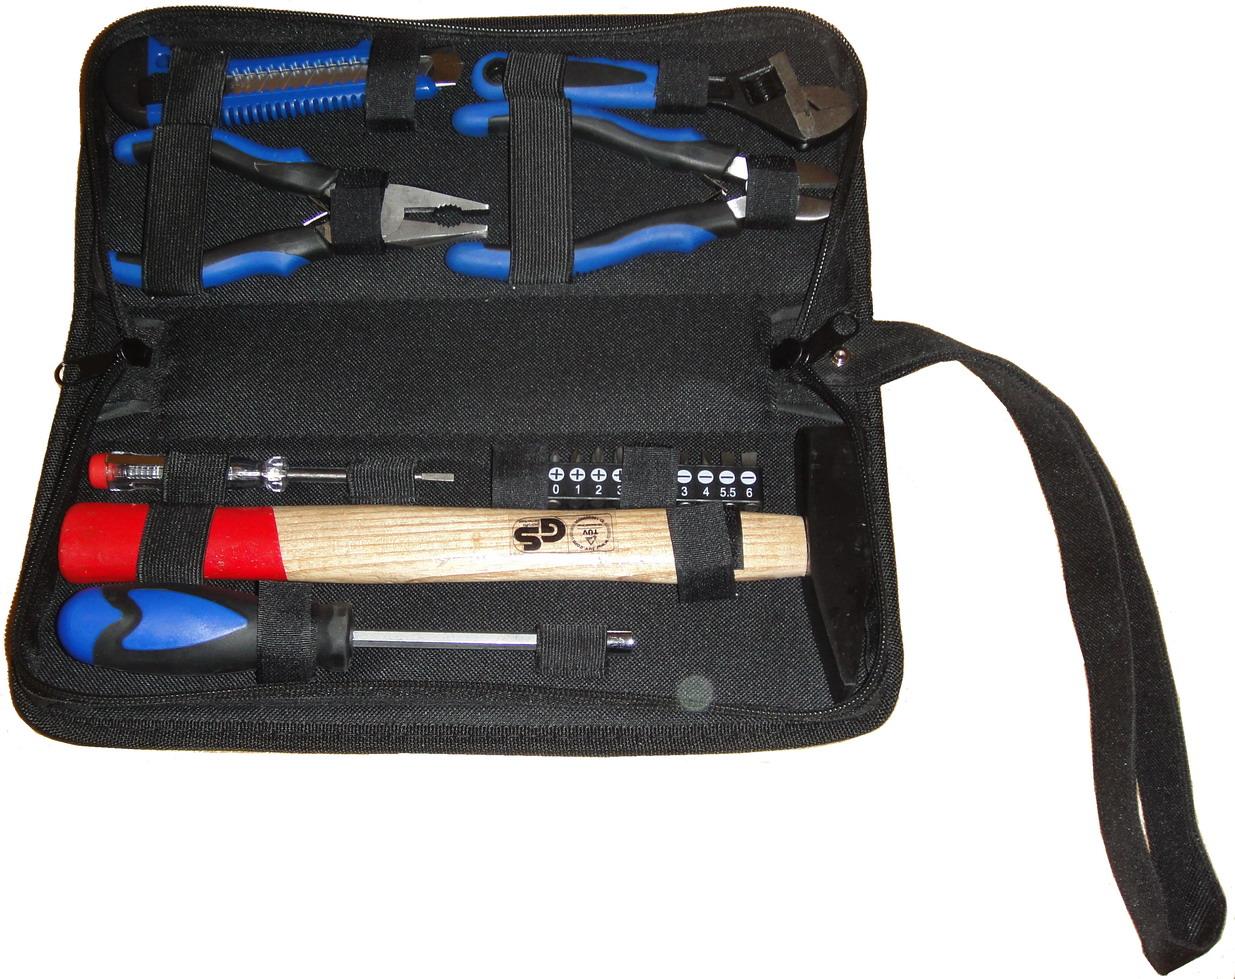 Набор инструментов в сумке на молнии, 17 предметов Unipro U-780 набор инструмента unipro u 800 69 предметов